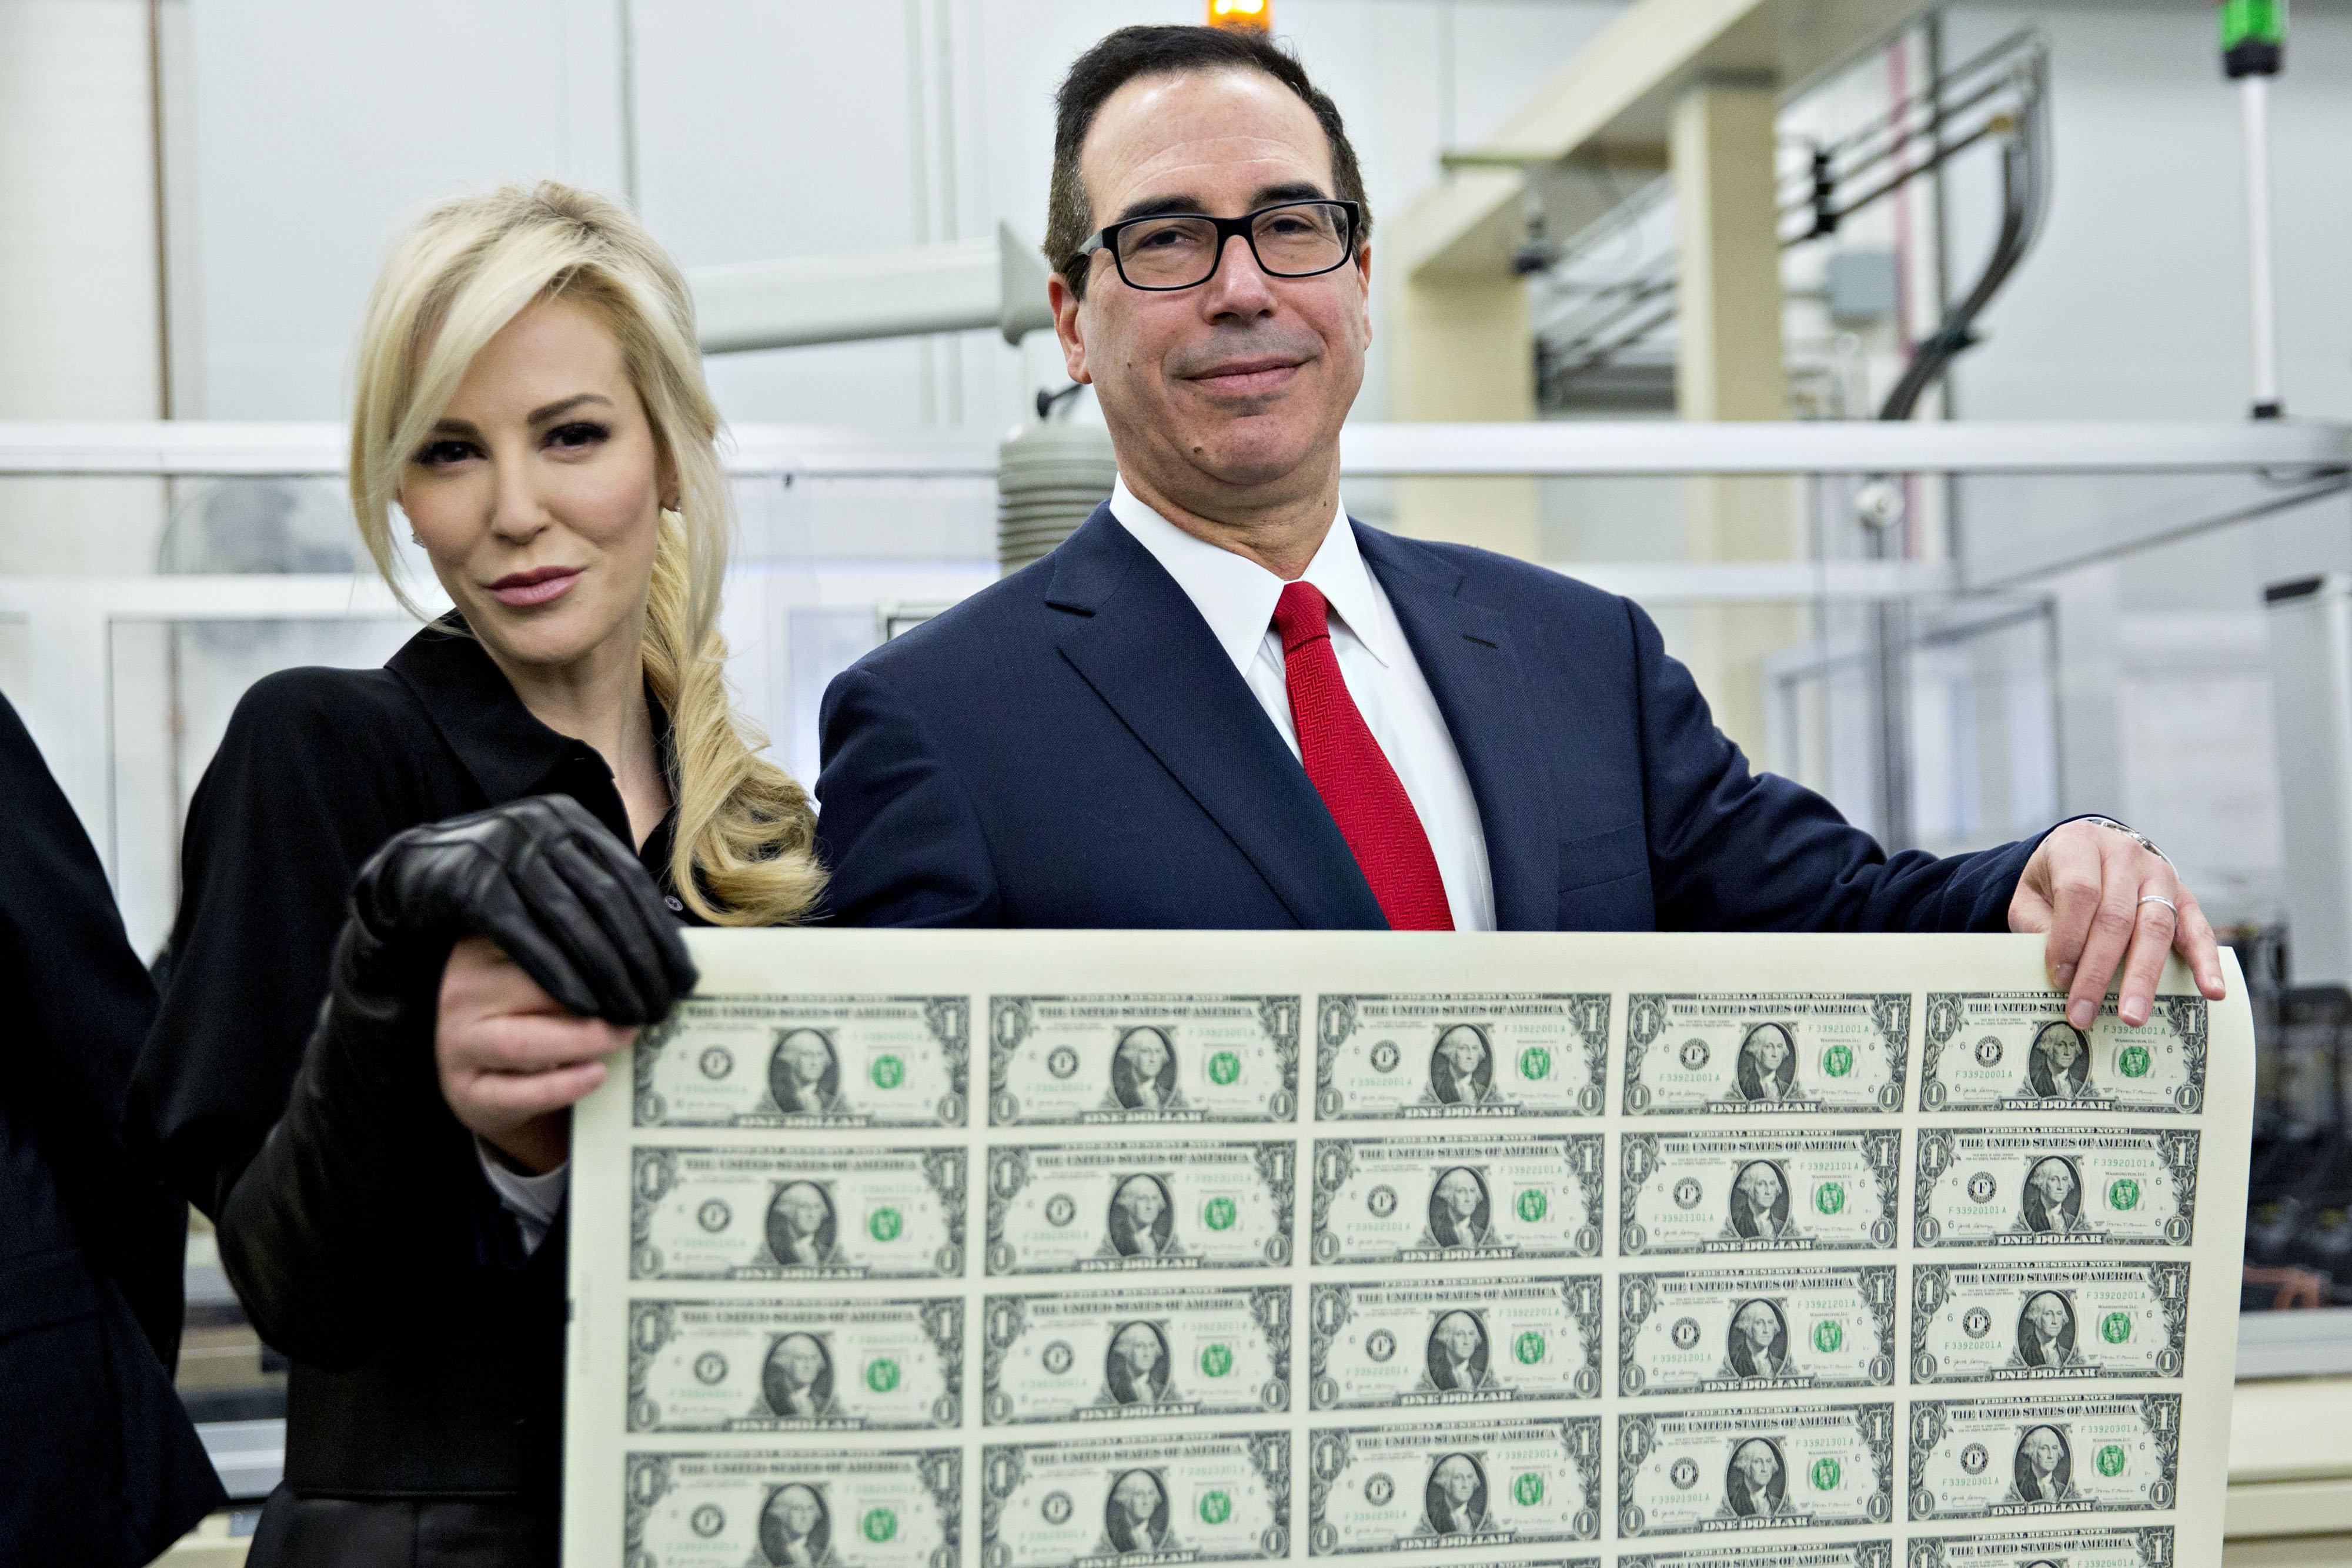 5a0d4de41800003300f6c75d?cache=ruahiochkk&ops=1910_1000 donald trump's 'bond villains' posing with cash is your new